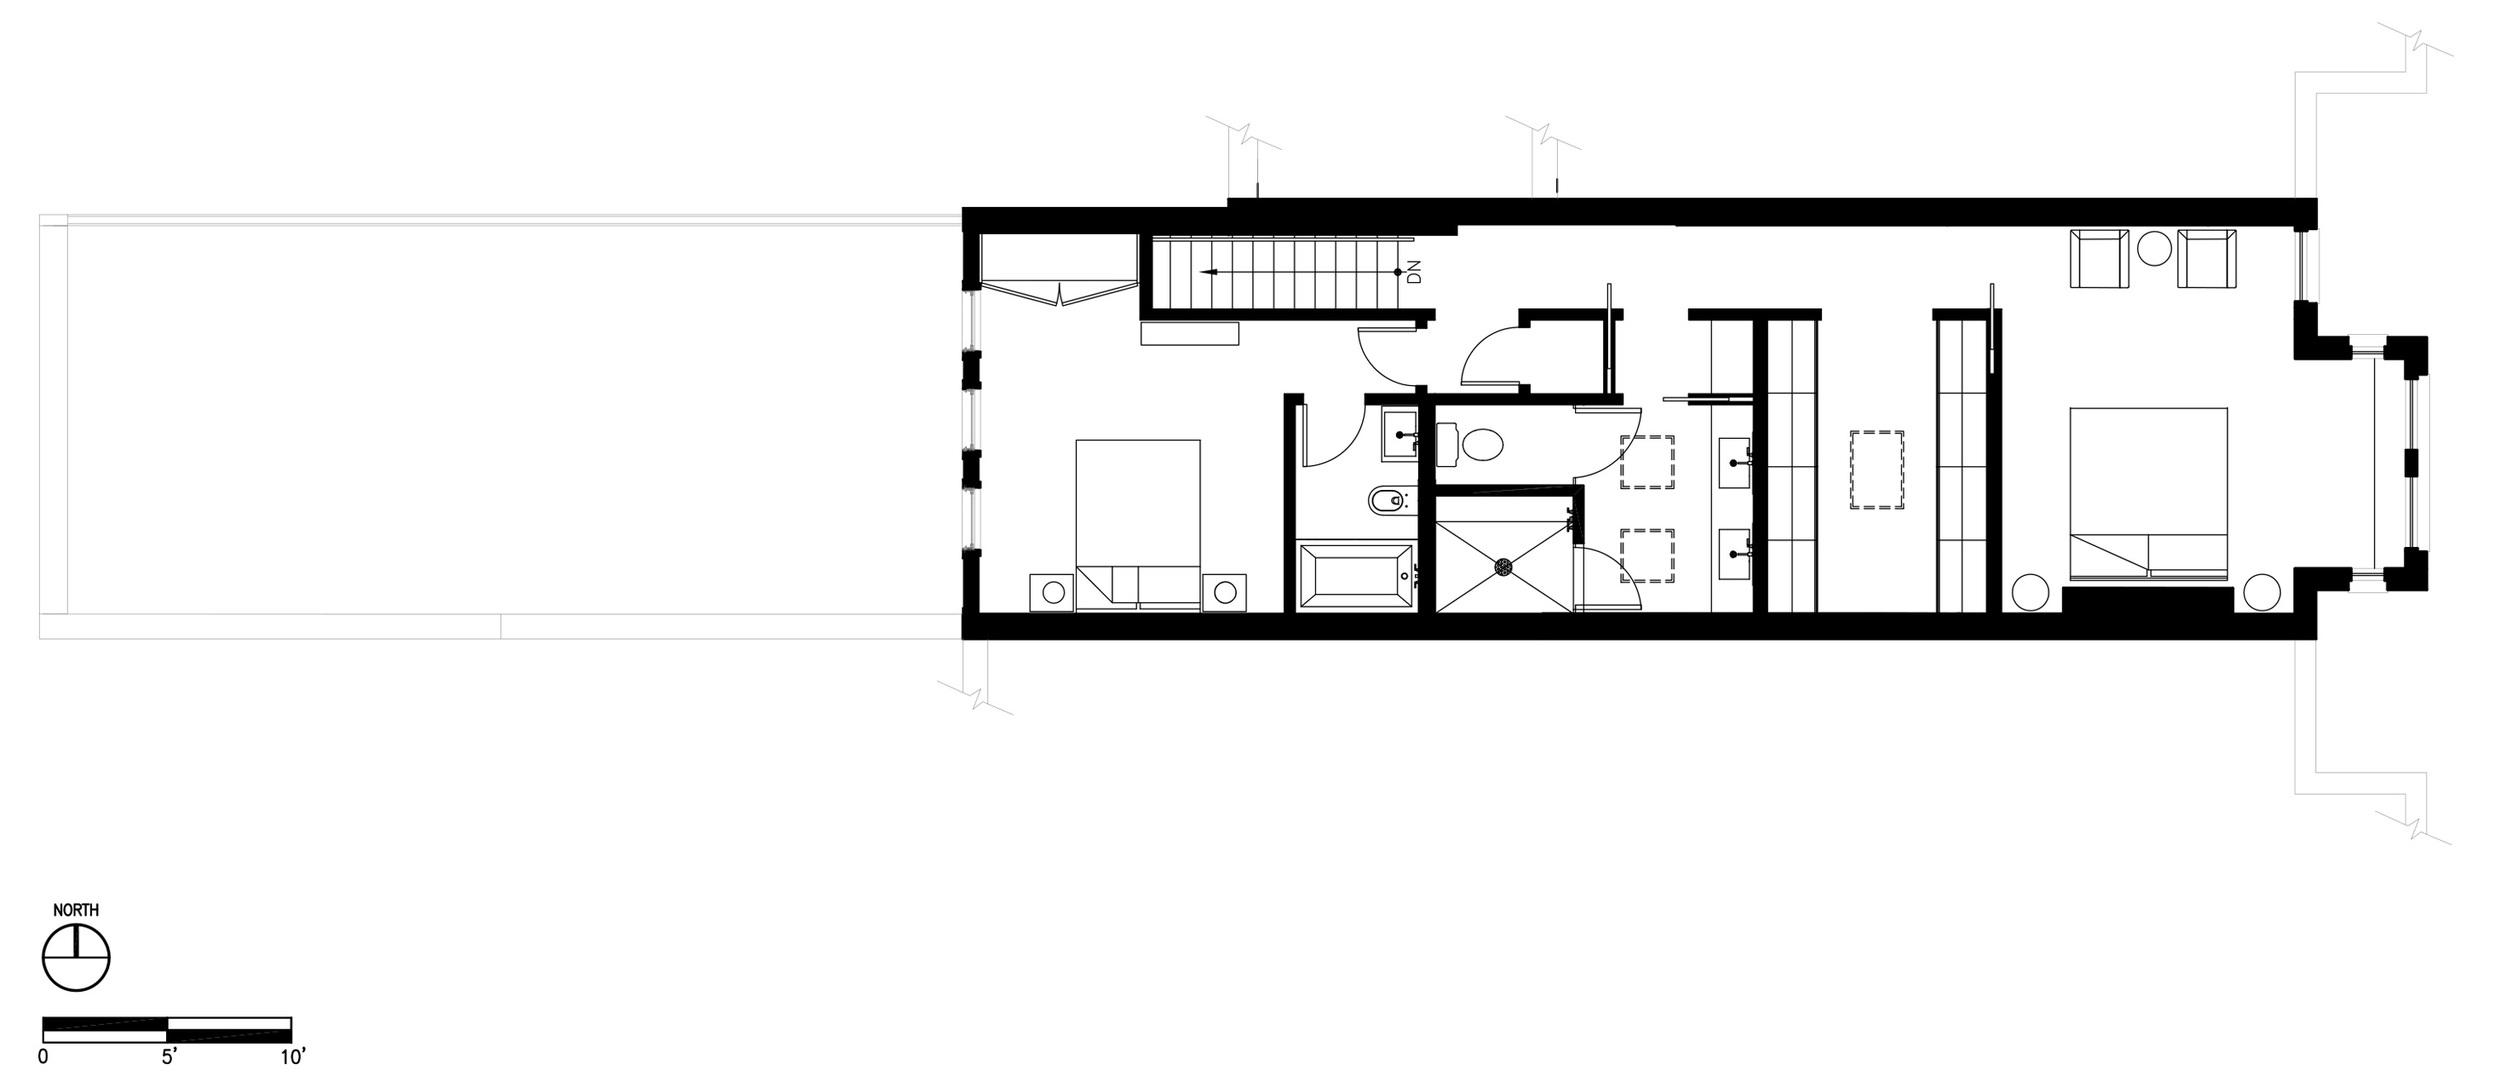 1516 Kingman Place - Second Floor